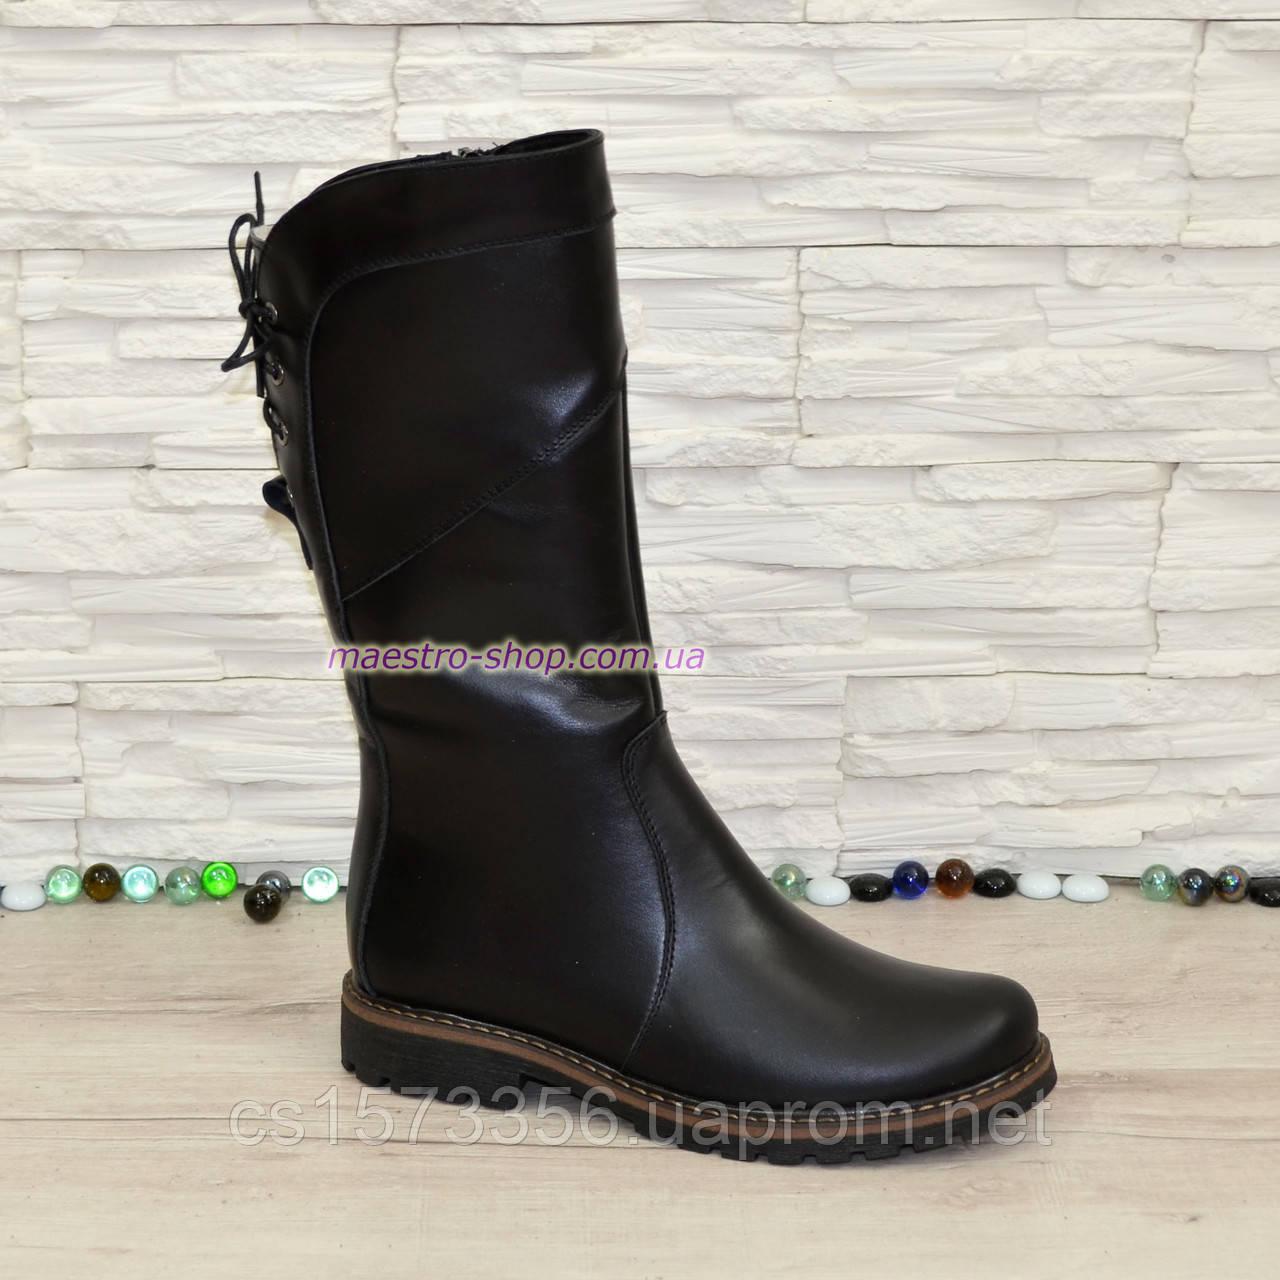 Женские ботинки кожаные на меху от производителя